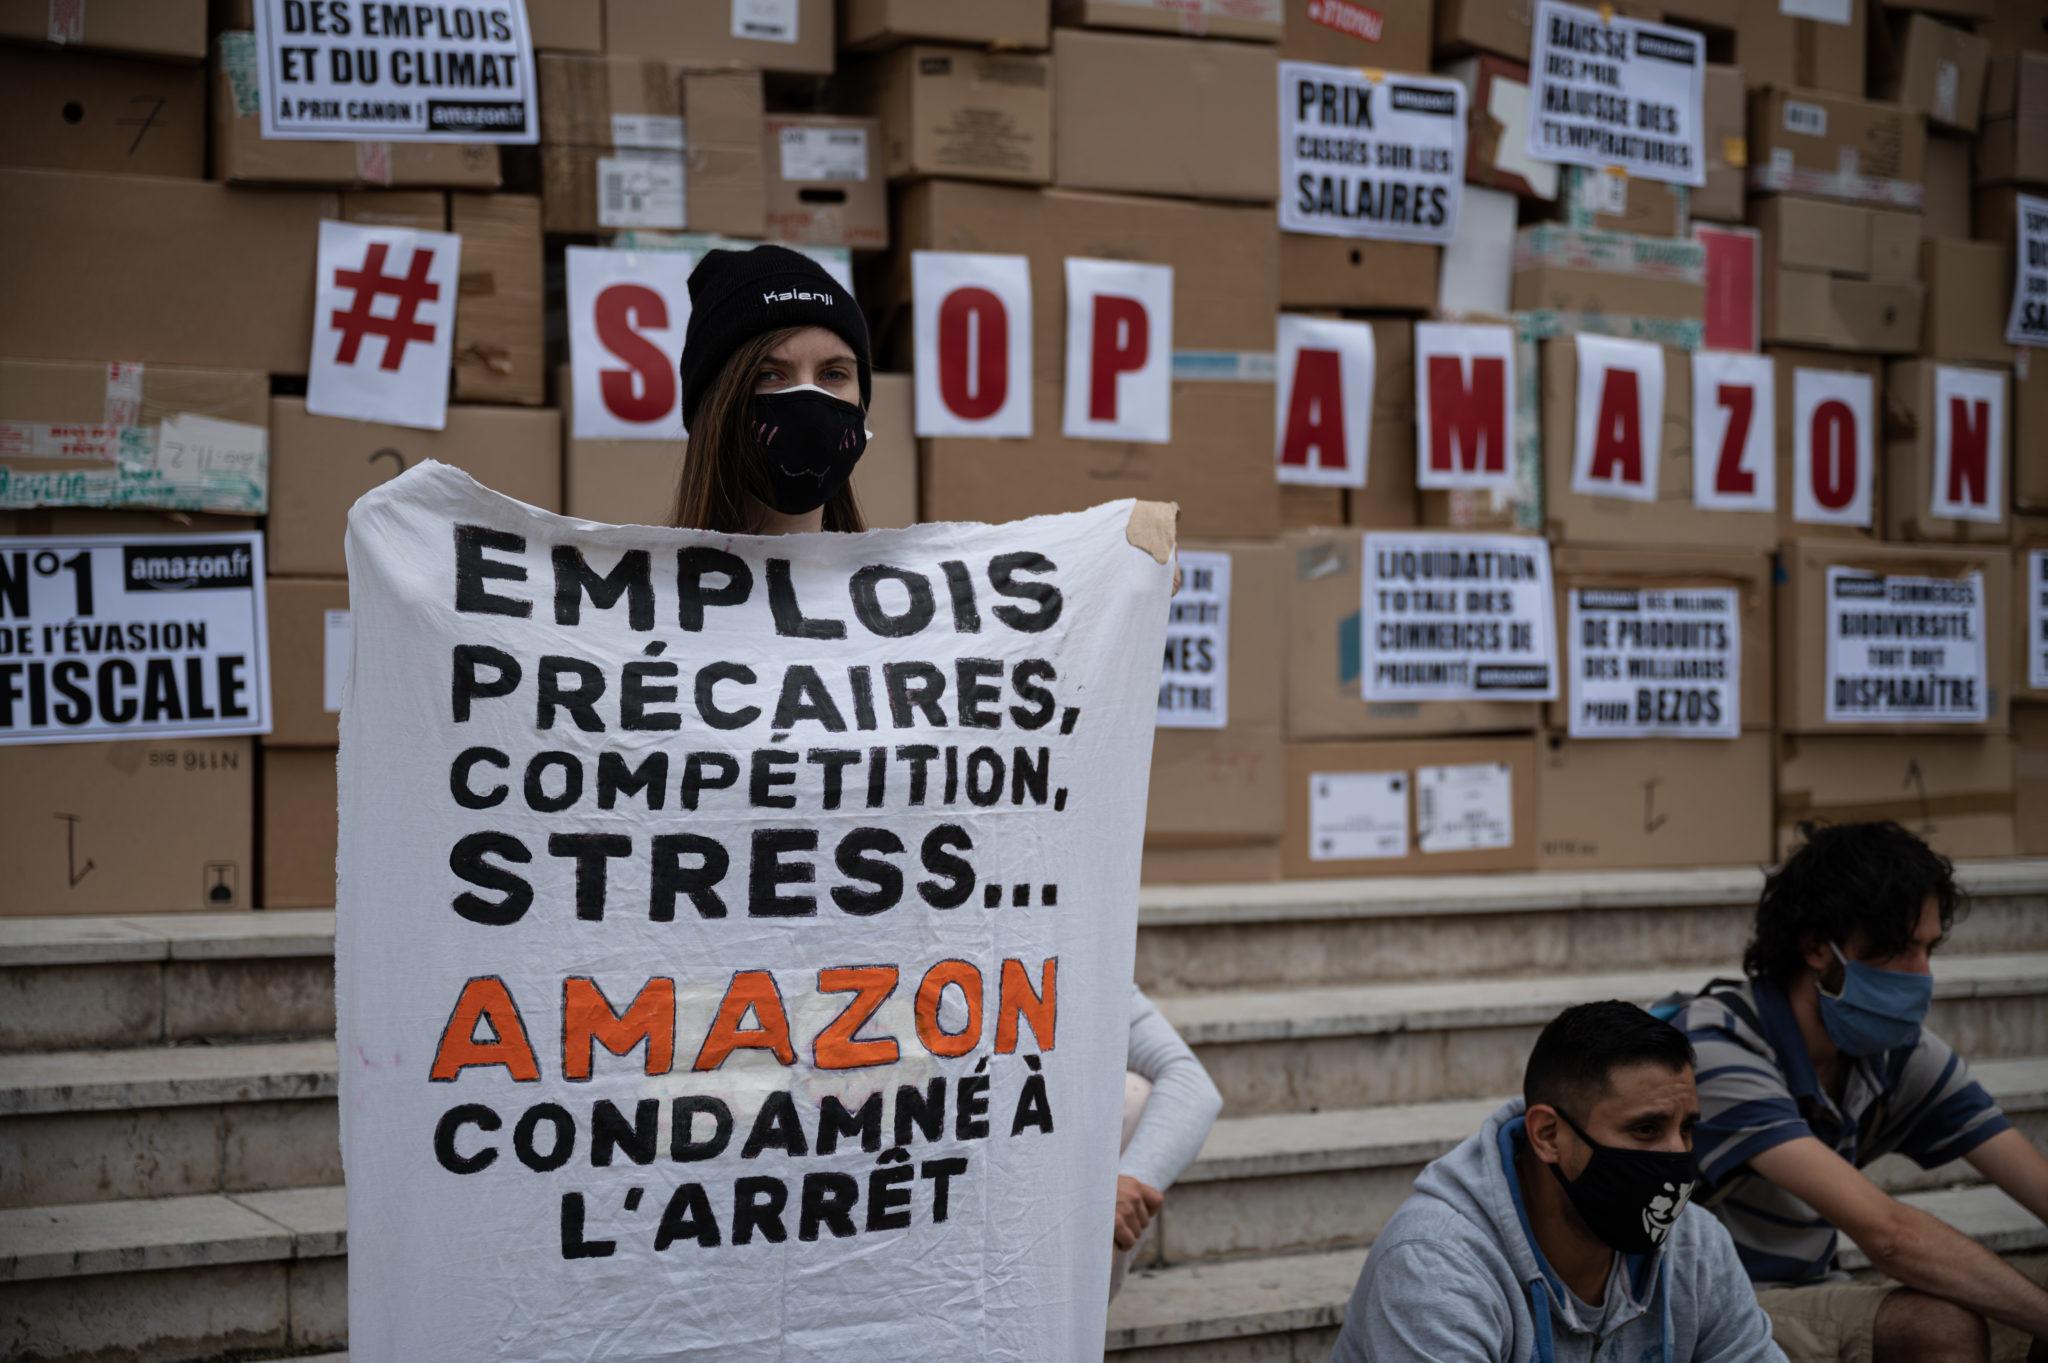 Des militants en action devant des cartons Stop Amazon